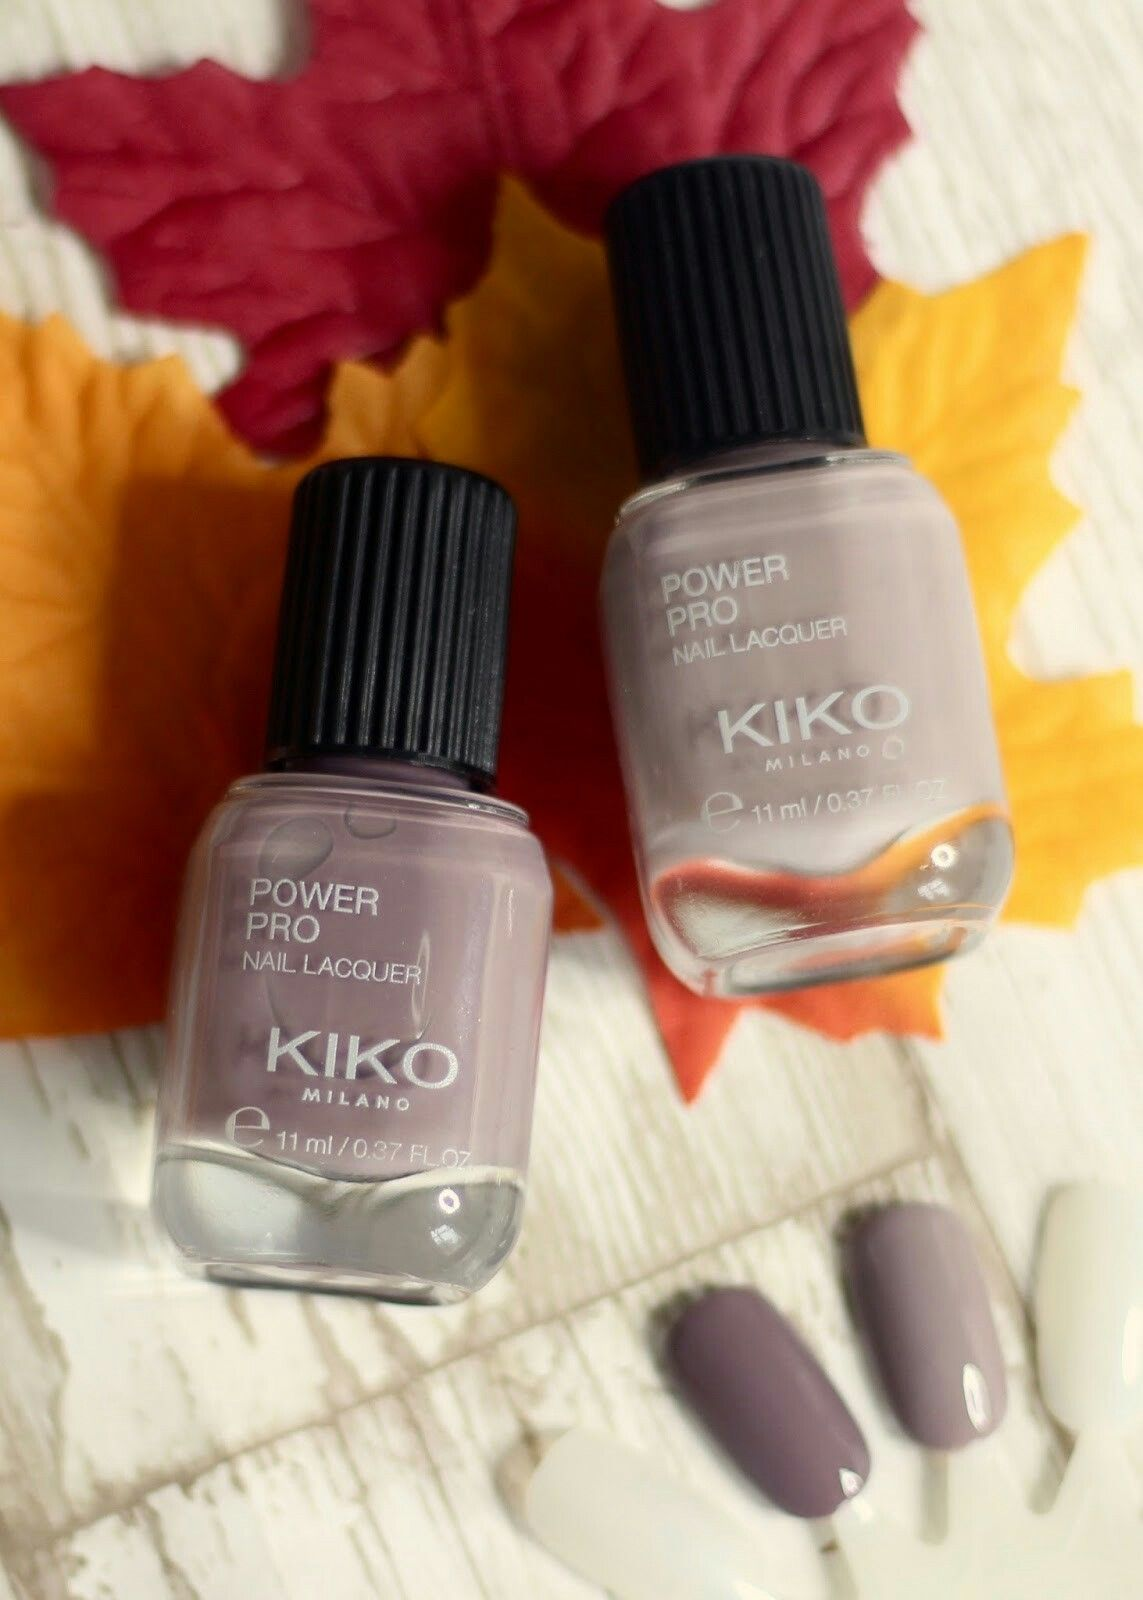 Kiko Power Pro Nail Lacquer 29 Grigio rosato 30 Taupe | Nails ...